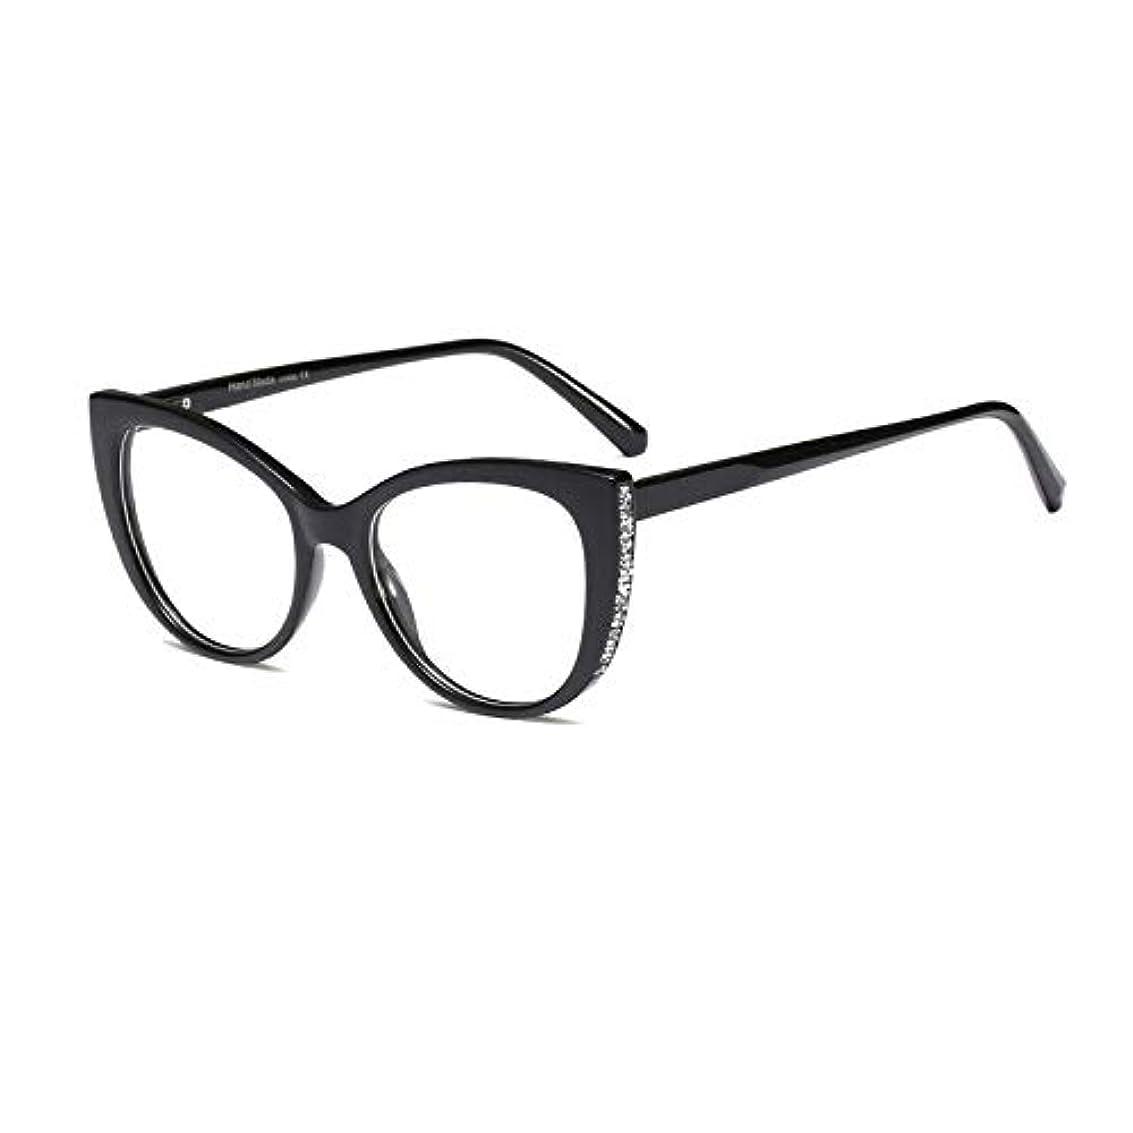 圧縮するトムオードリース鋼キャットアイ老眼鏡、スタイリッシュな女性用大型フレーム老眼鏡、スプリングミラー脚、Hd透明レンズ、複数色